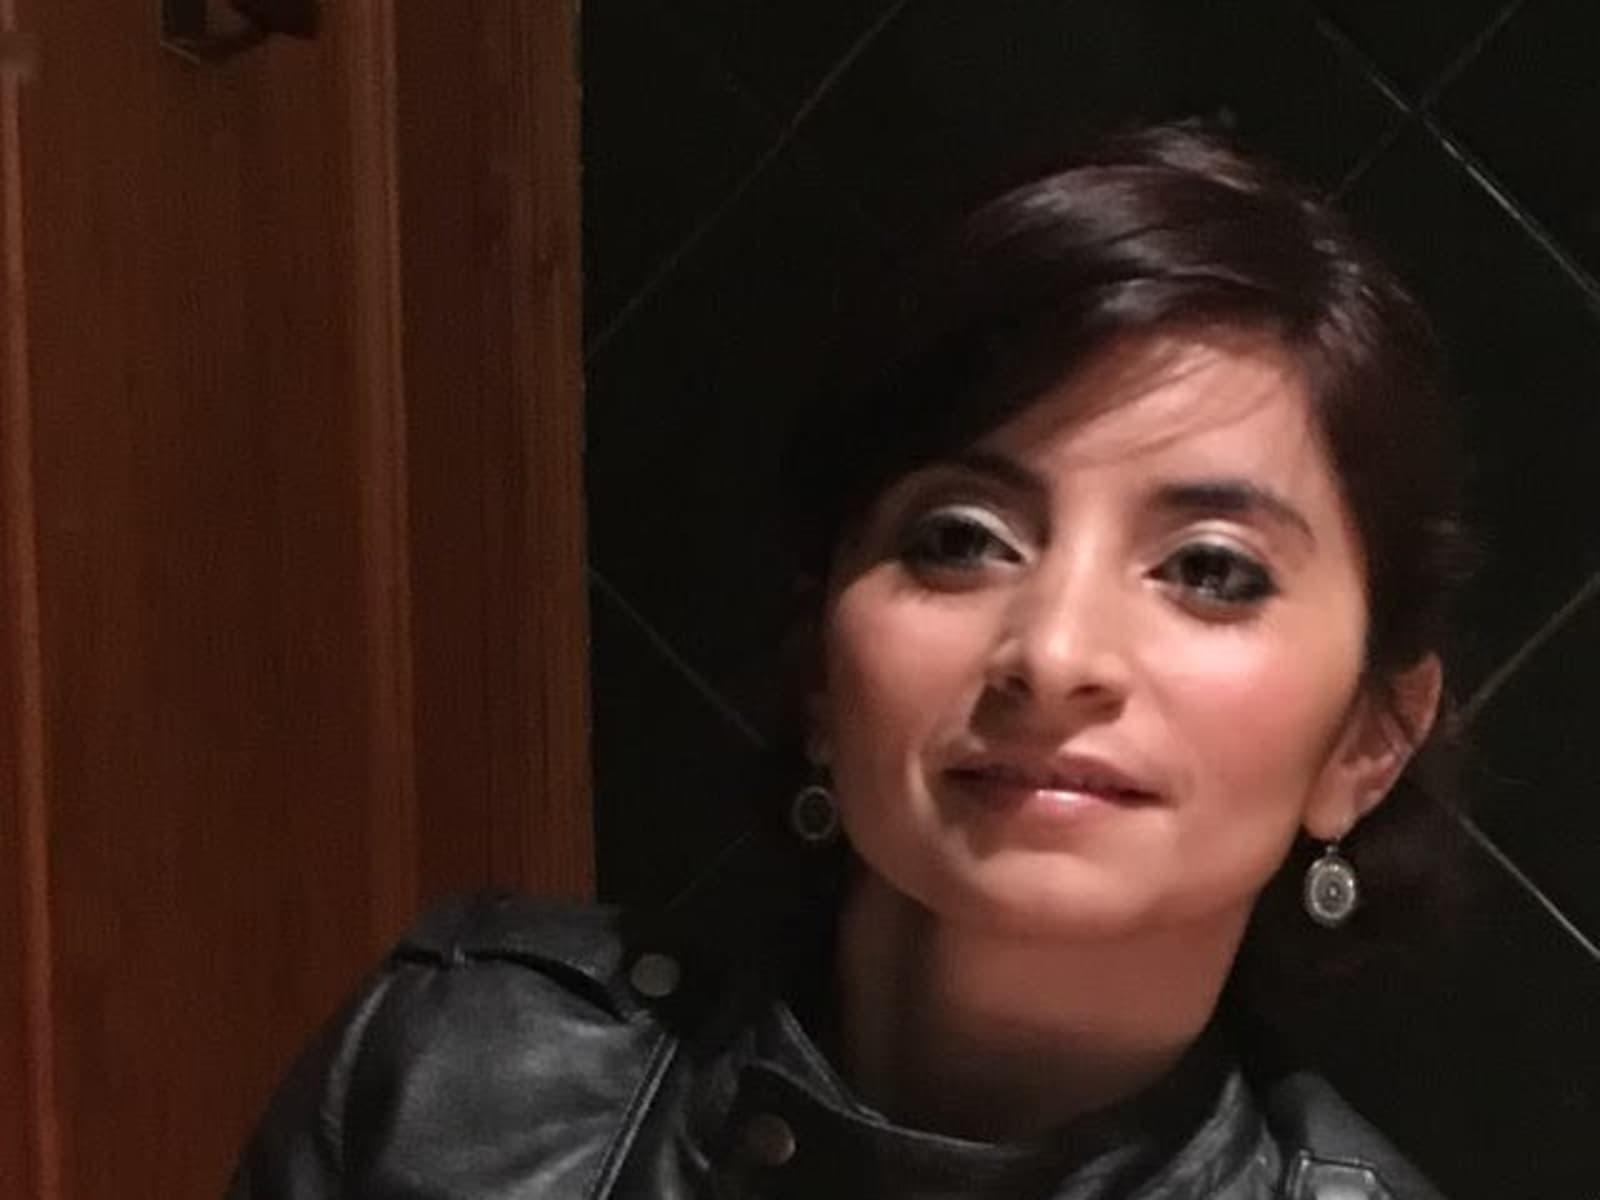 Ana from Donostia / San Sebastián, Spain